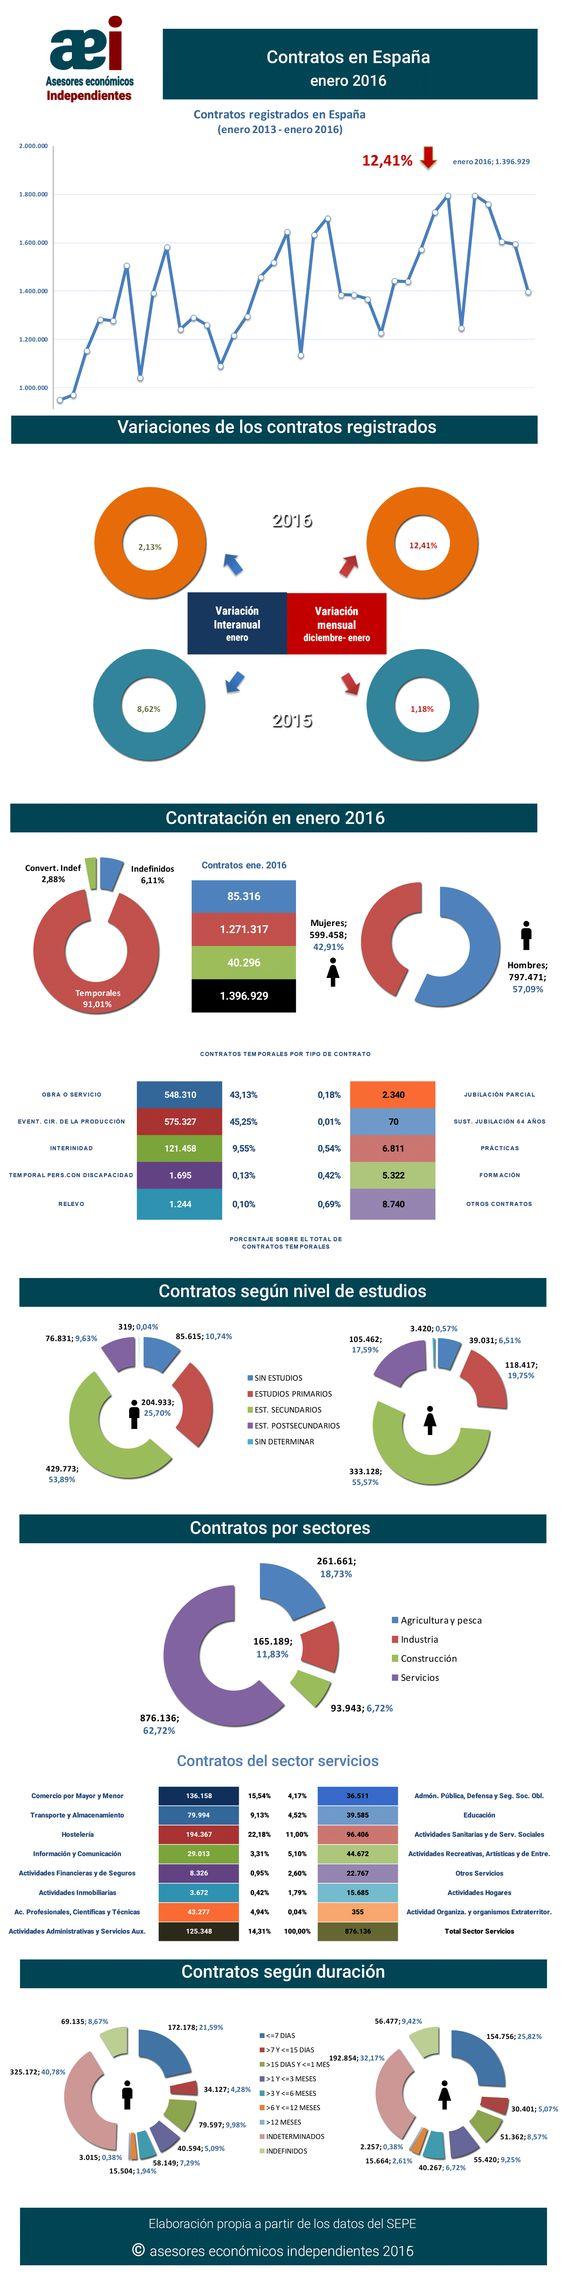 infografía contratos registrados en el mes de enero 2016 en España realizada por Javier Méndez Lirón para asesores económicos independientes